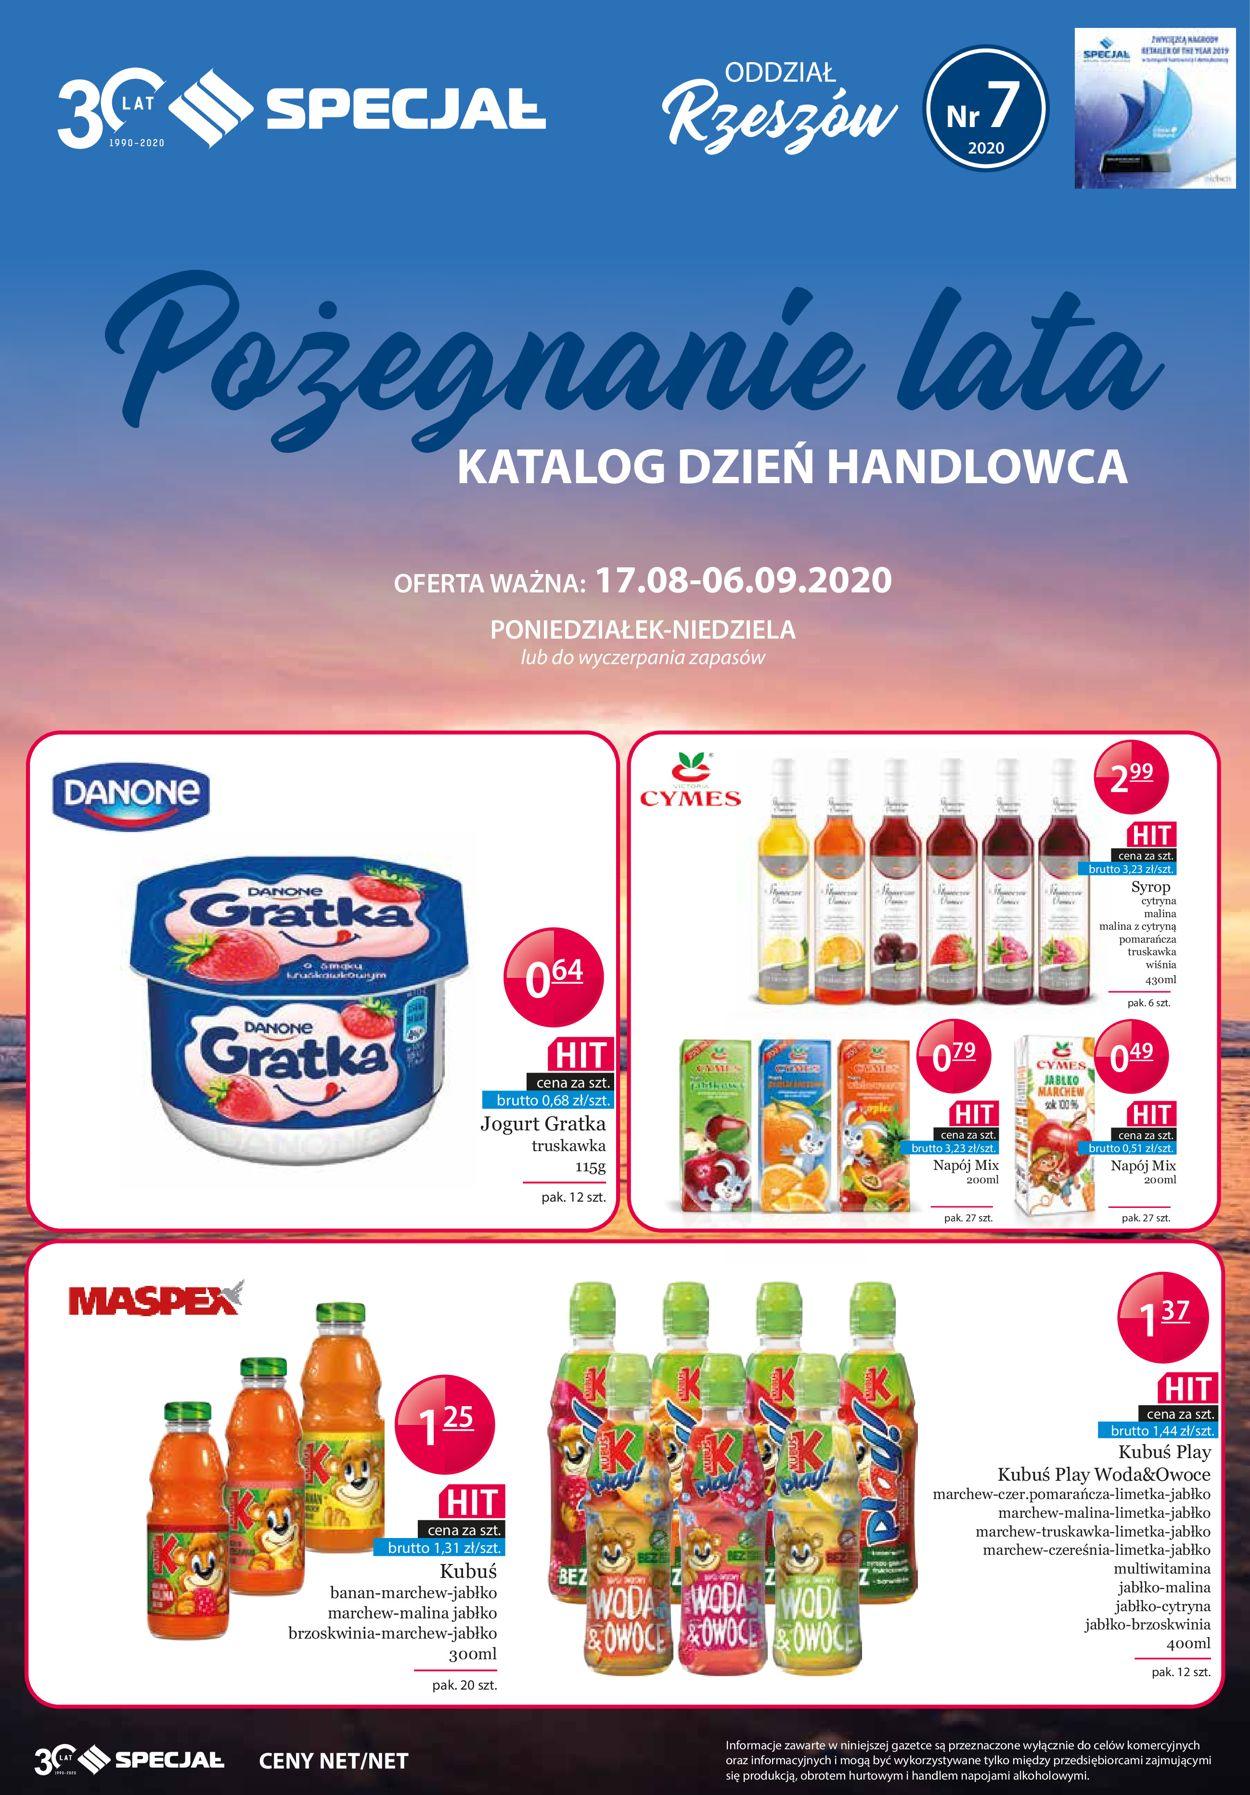 Gazetka promocyjna Specjał - 17.08-06.09.2020